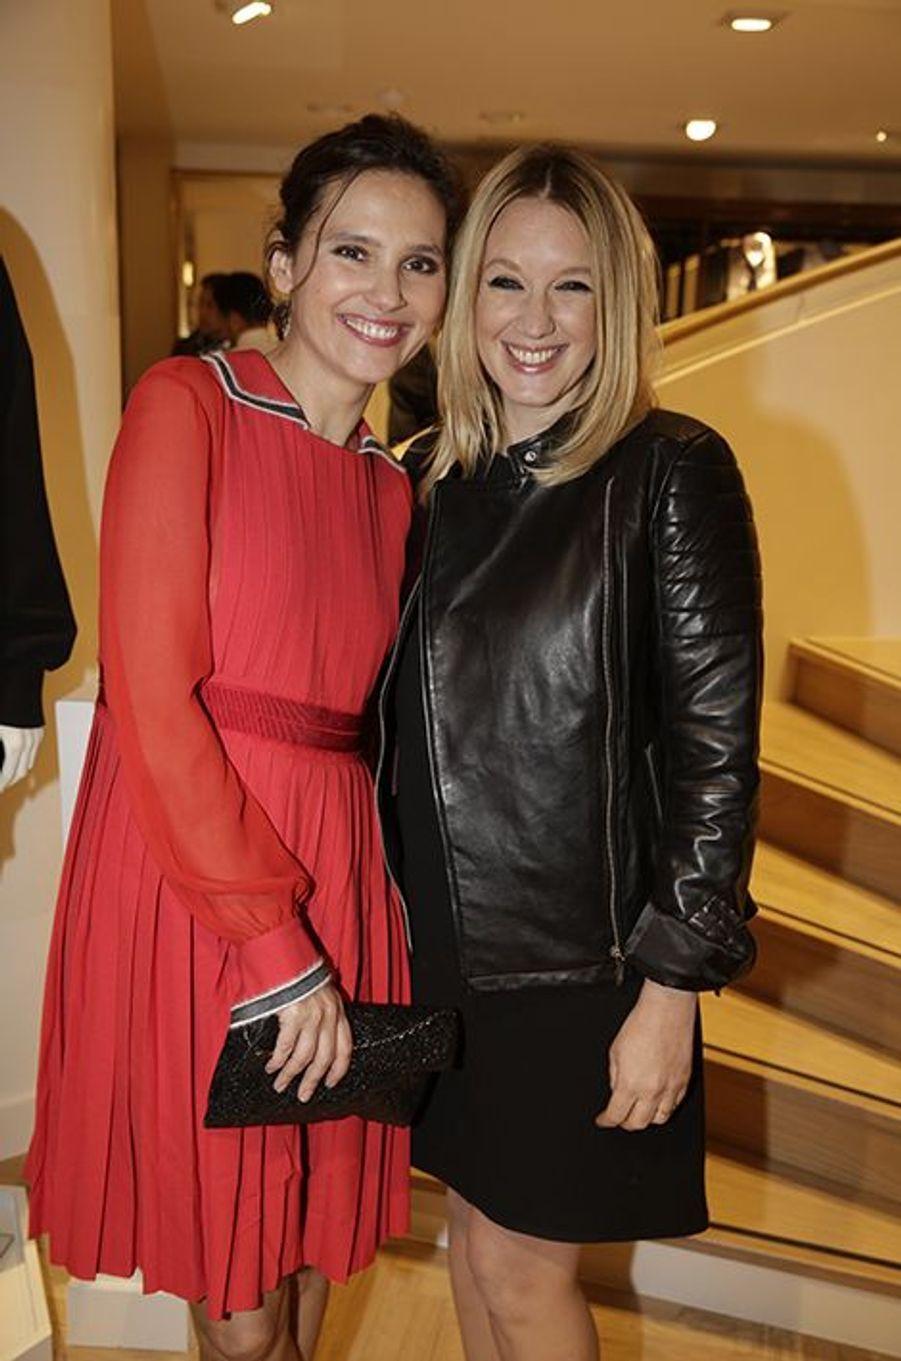 Virginie Ledoyen et Ludivine Sagnier à Paris le 31 mars 2015